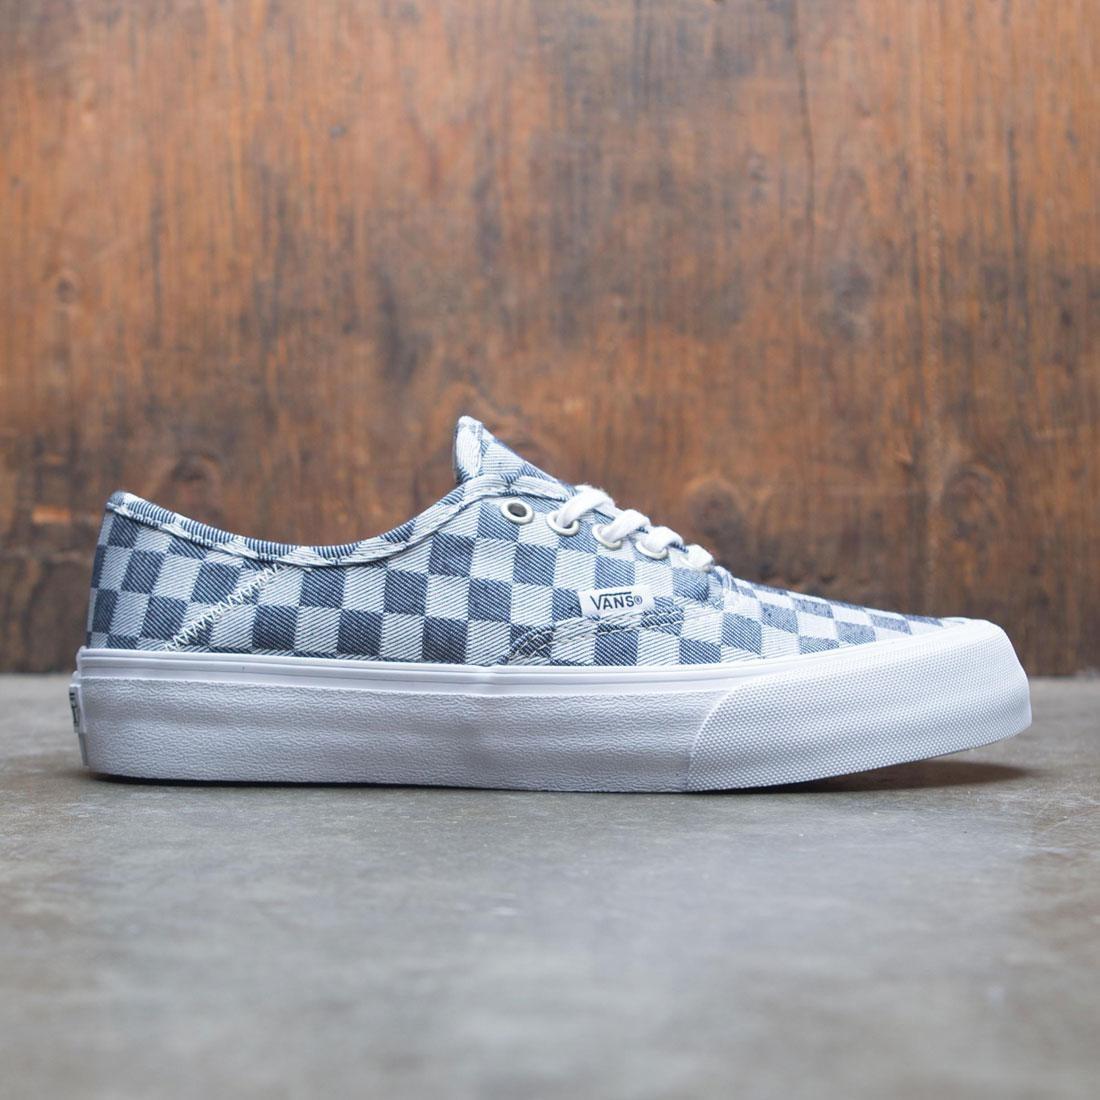 najlepsze oferty na Wielka wyprzedaż nowe promocje Vans Men Authentic SF - Checkerboard Denim (blue / denim / gray)